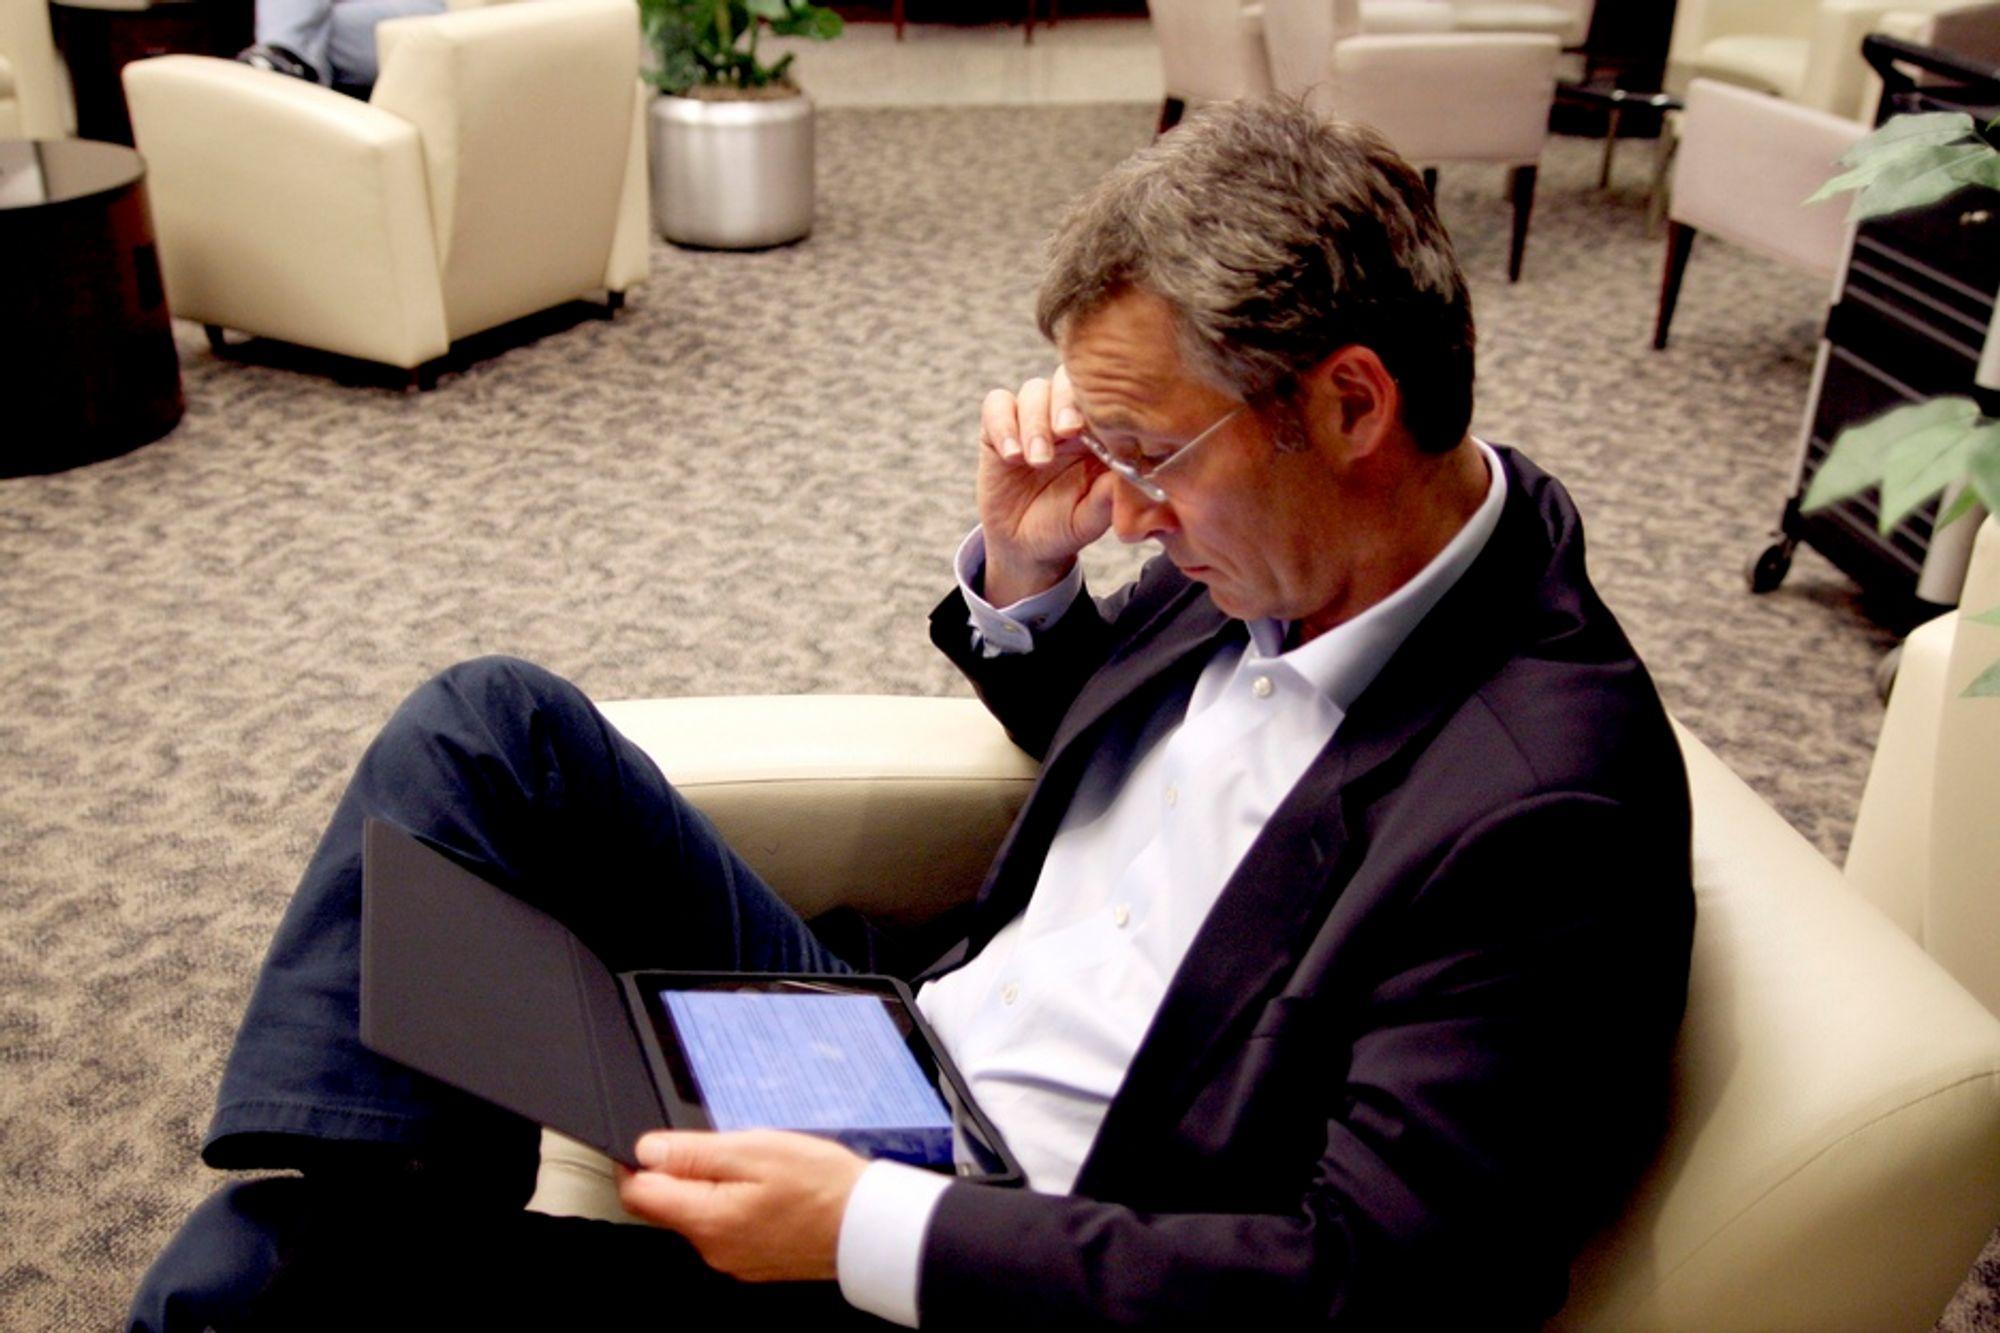 OPPDATERT: Statsminister Jens Stoltenberg (Ap) og hans bruk av iPad, Twitter og Facebook har skapt unik Norgesreklame, mener Statsministerens kontor.